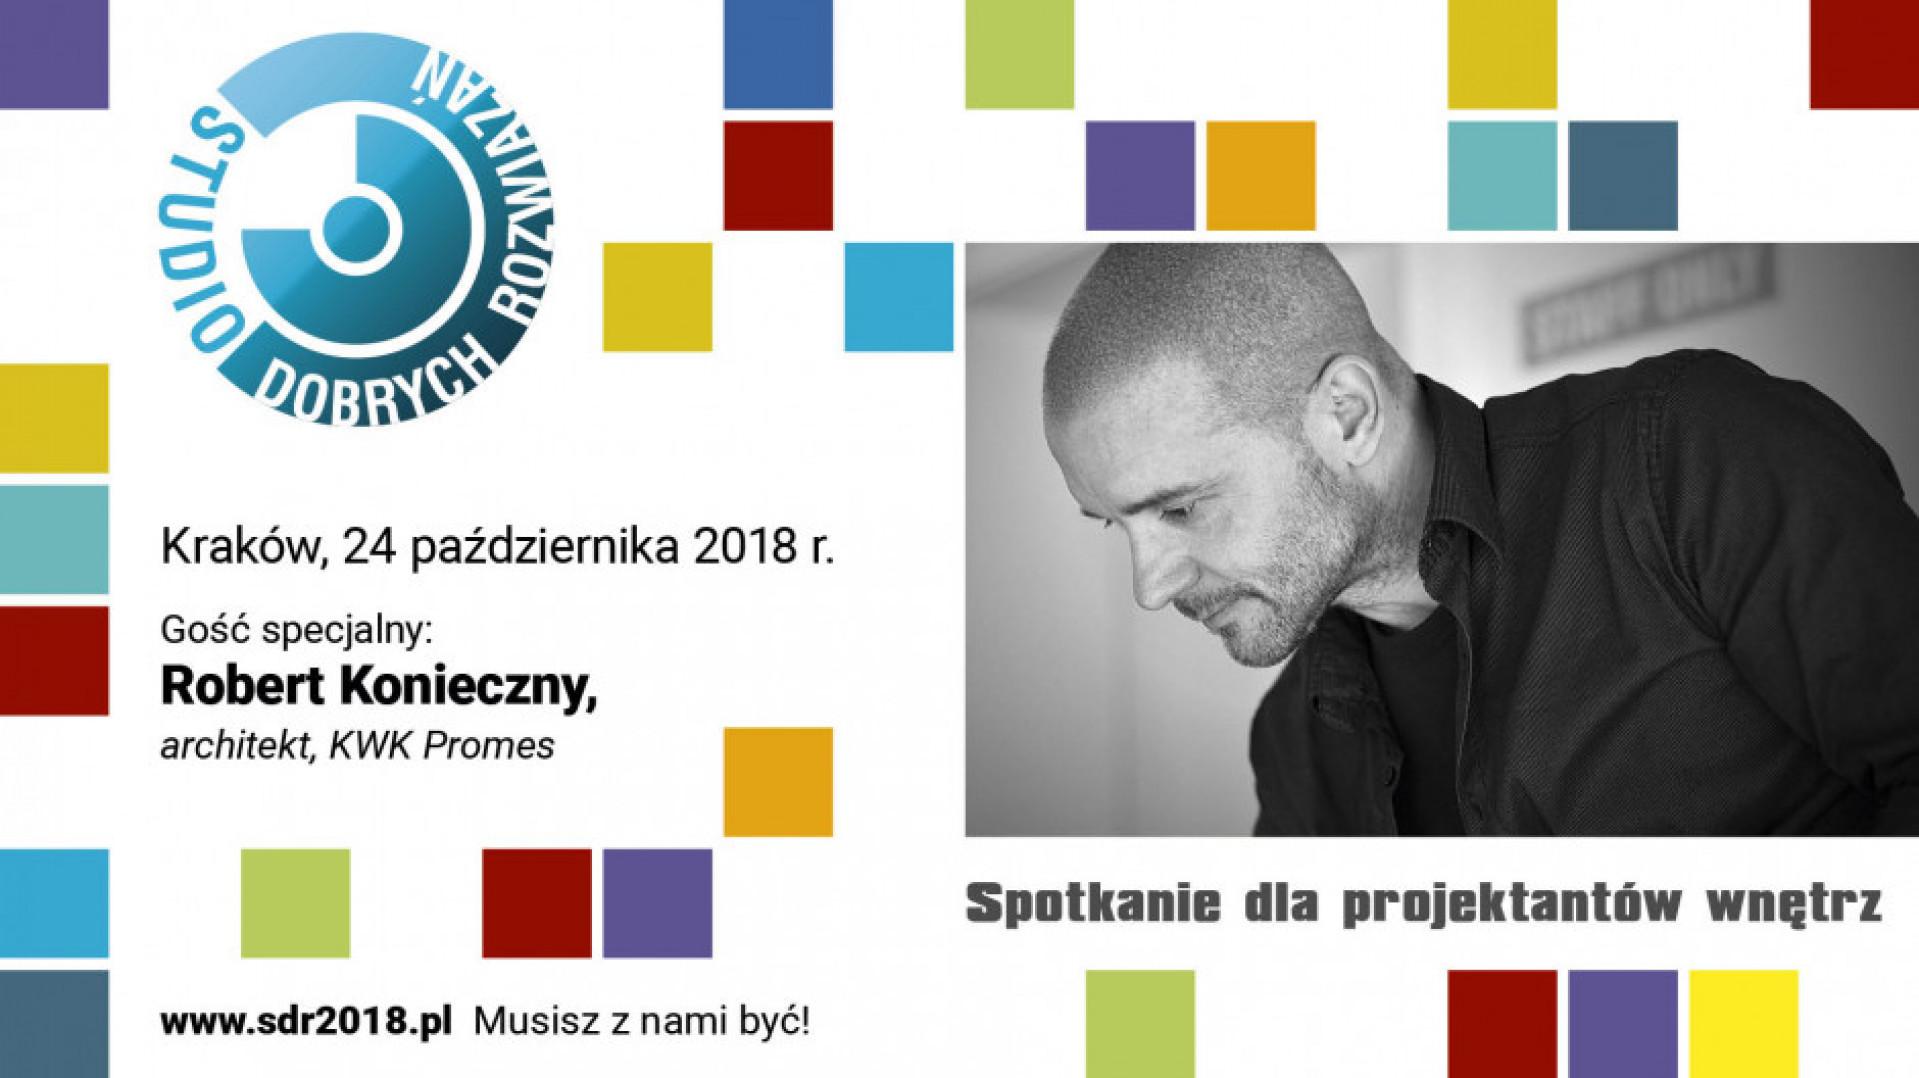 Gościem specjalnym Studia Dobrych Rozwiązań w Krakowie będzie Robert Konieczny.